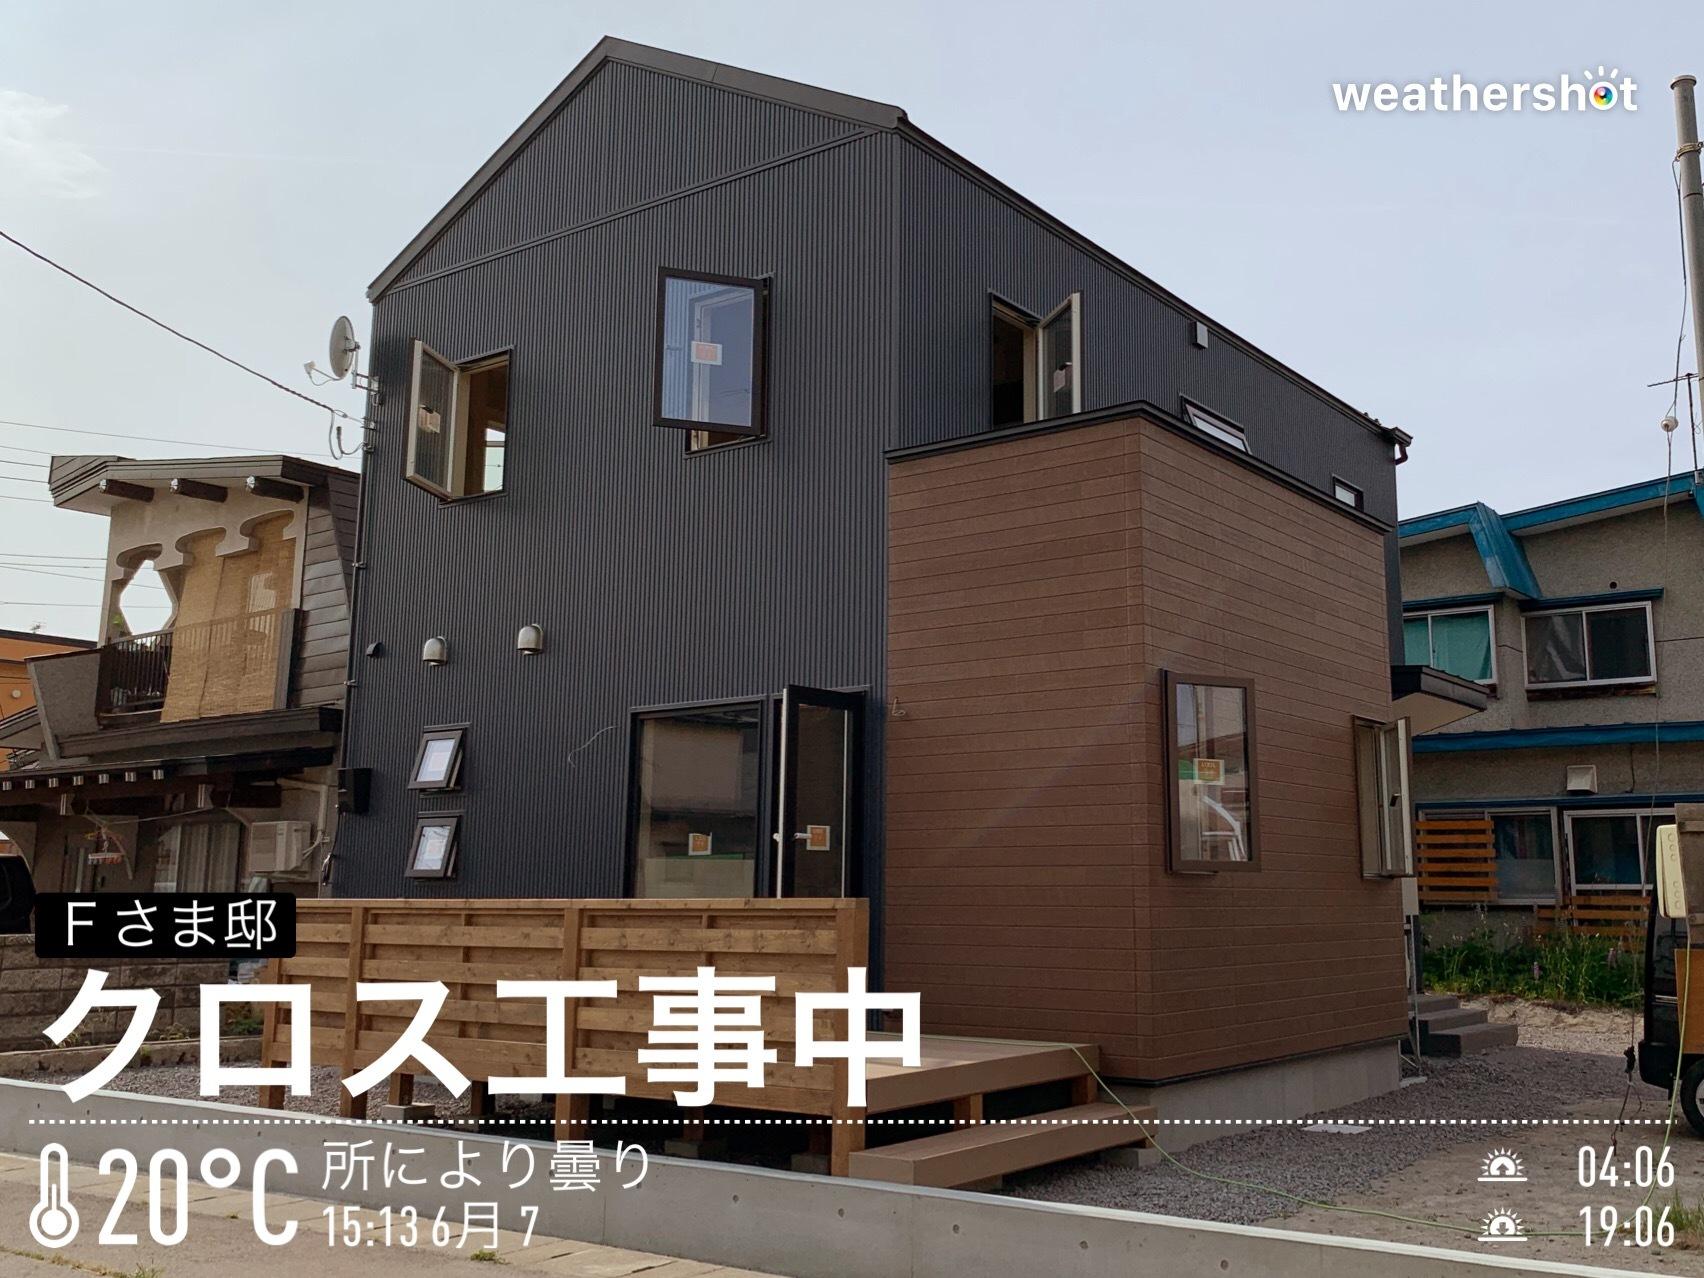 2019/6/8 クロス工事中_f0116421_22424124.jpeg